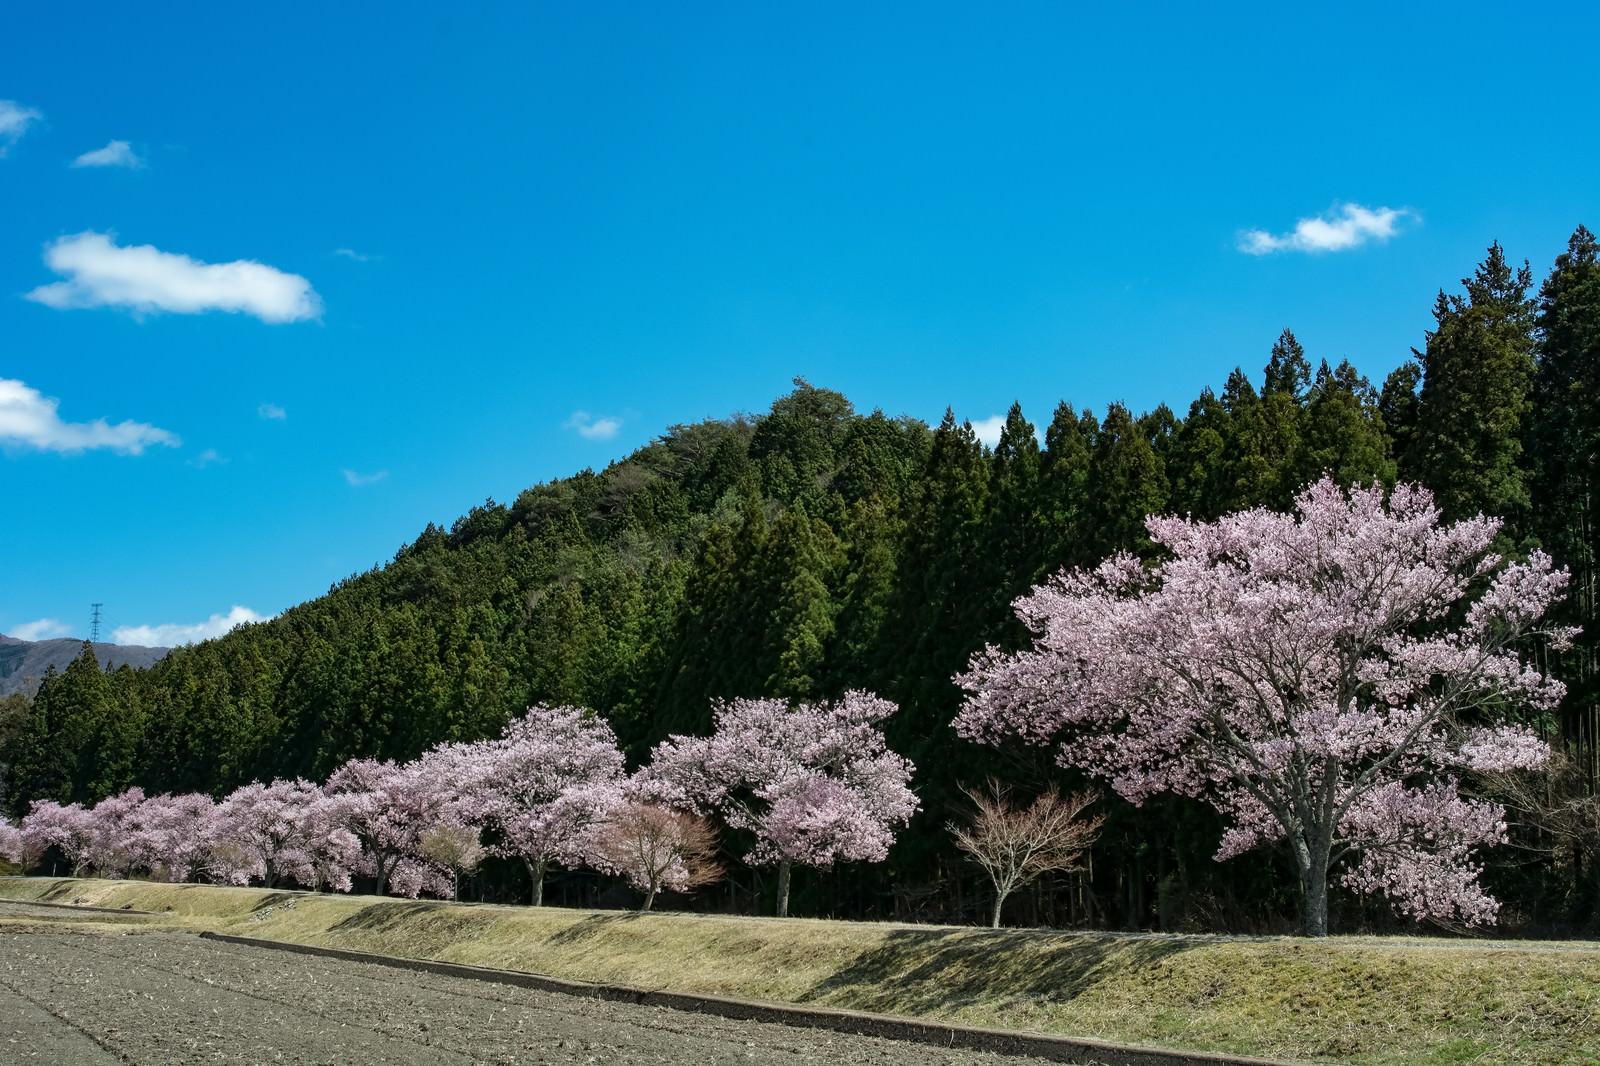 「青空に映える満開の桜並木」の写真